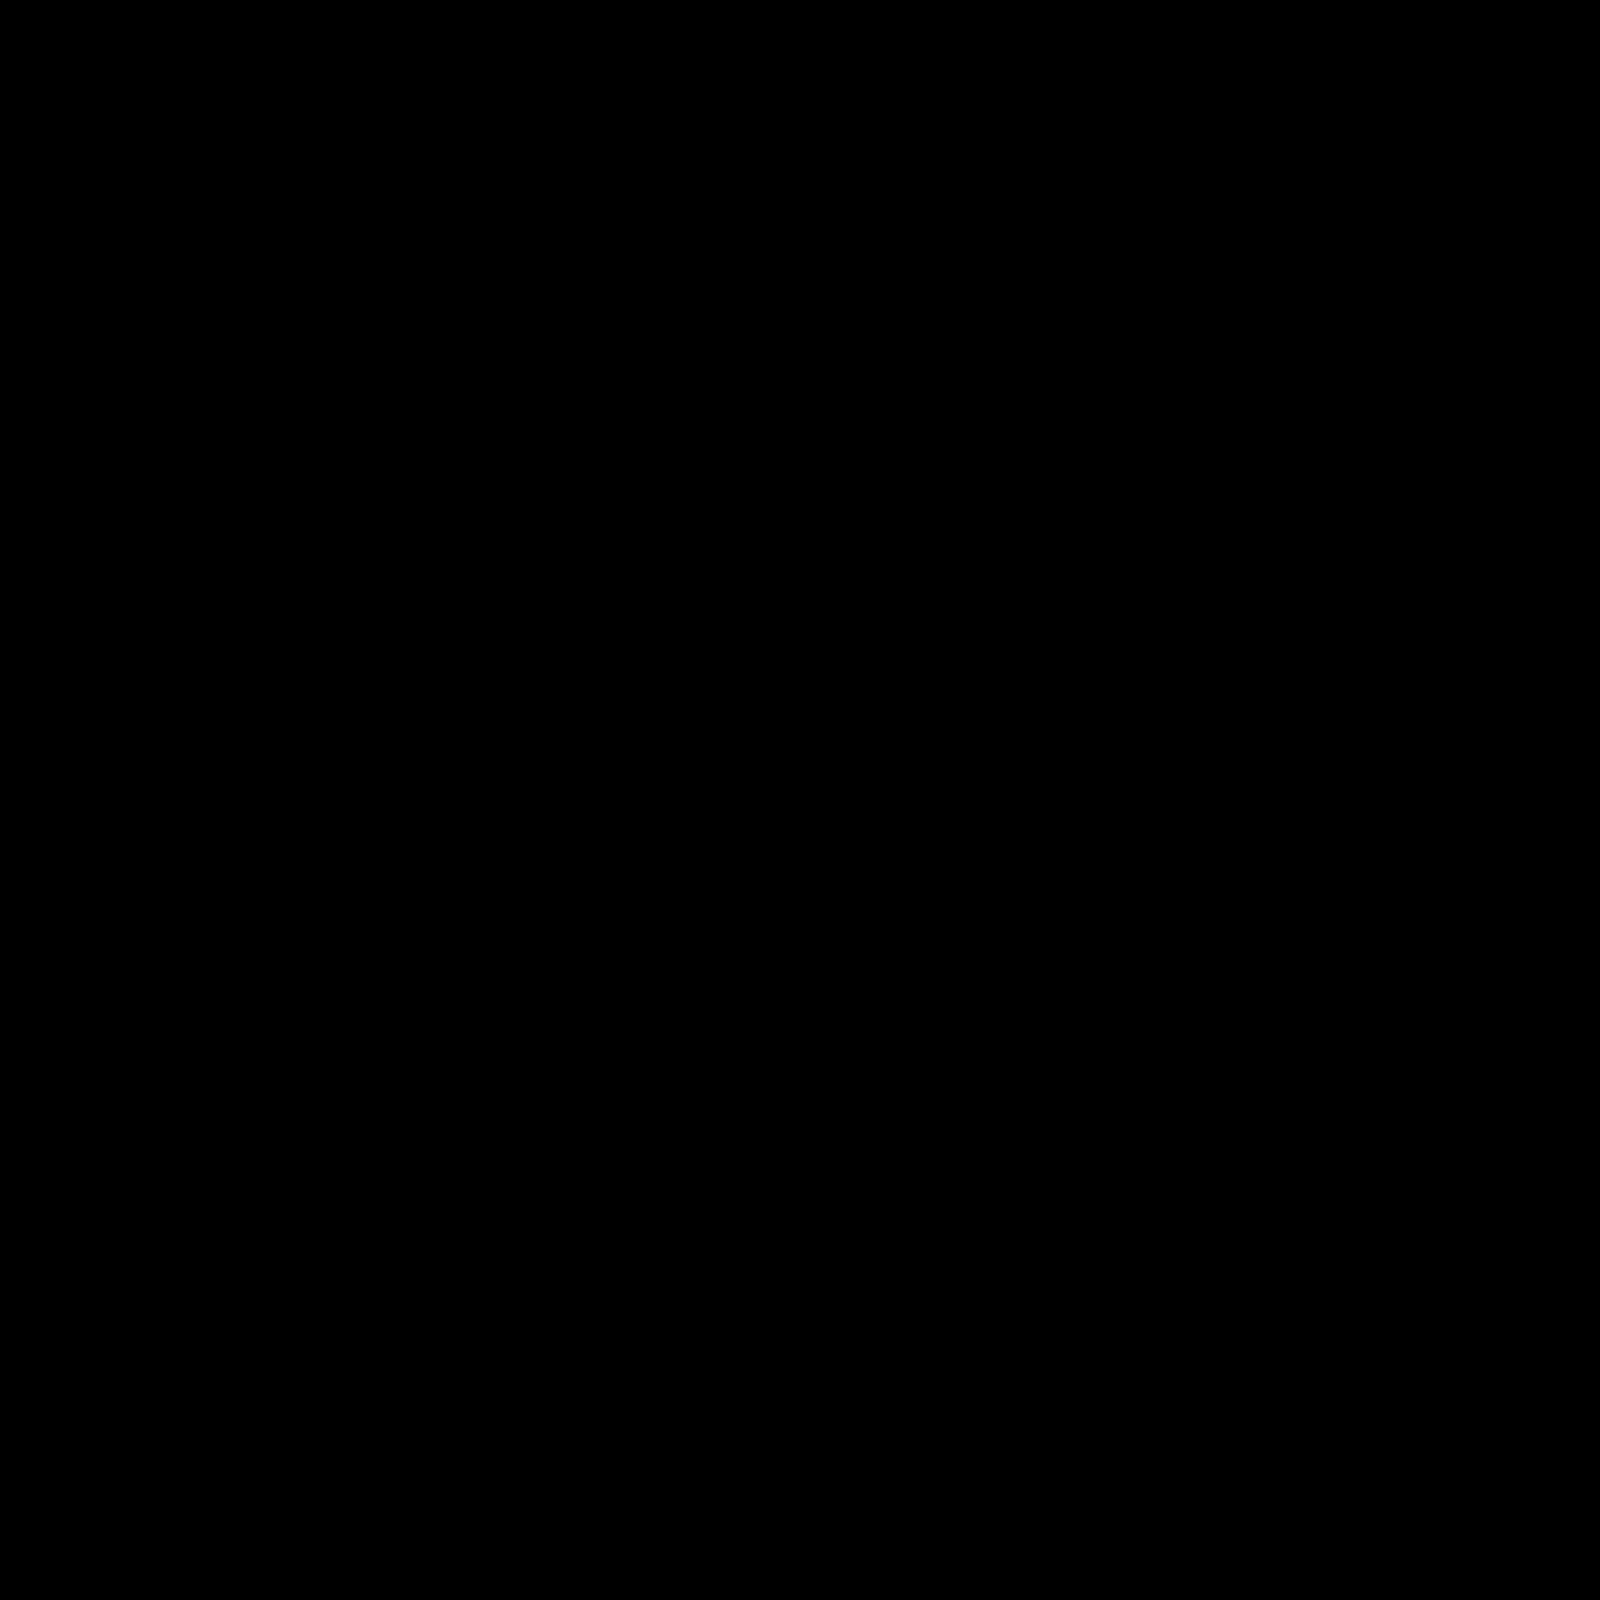 Hiragana E. icon